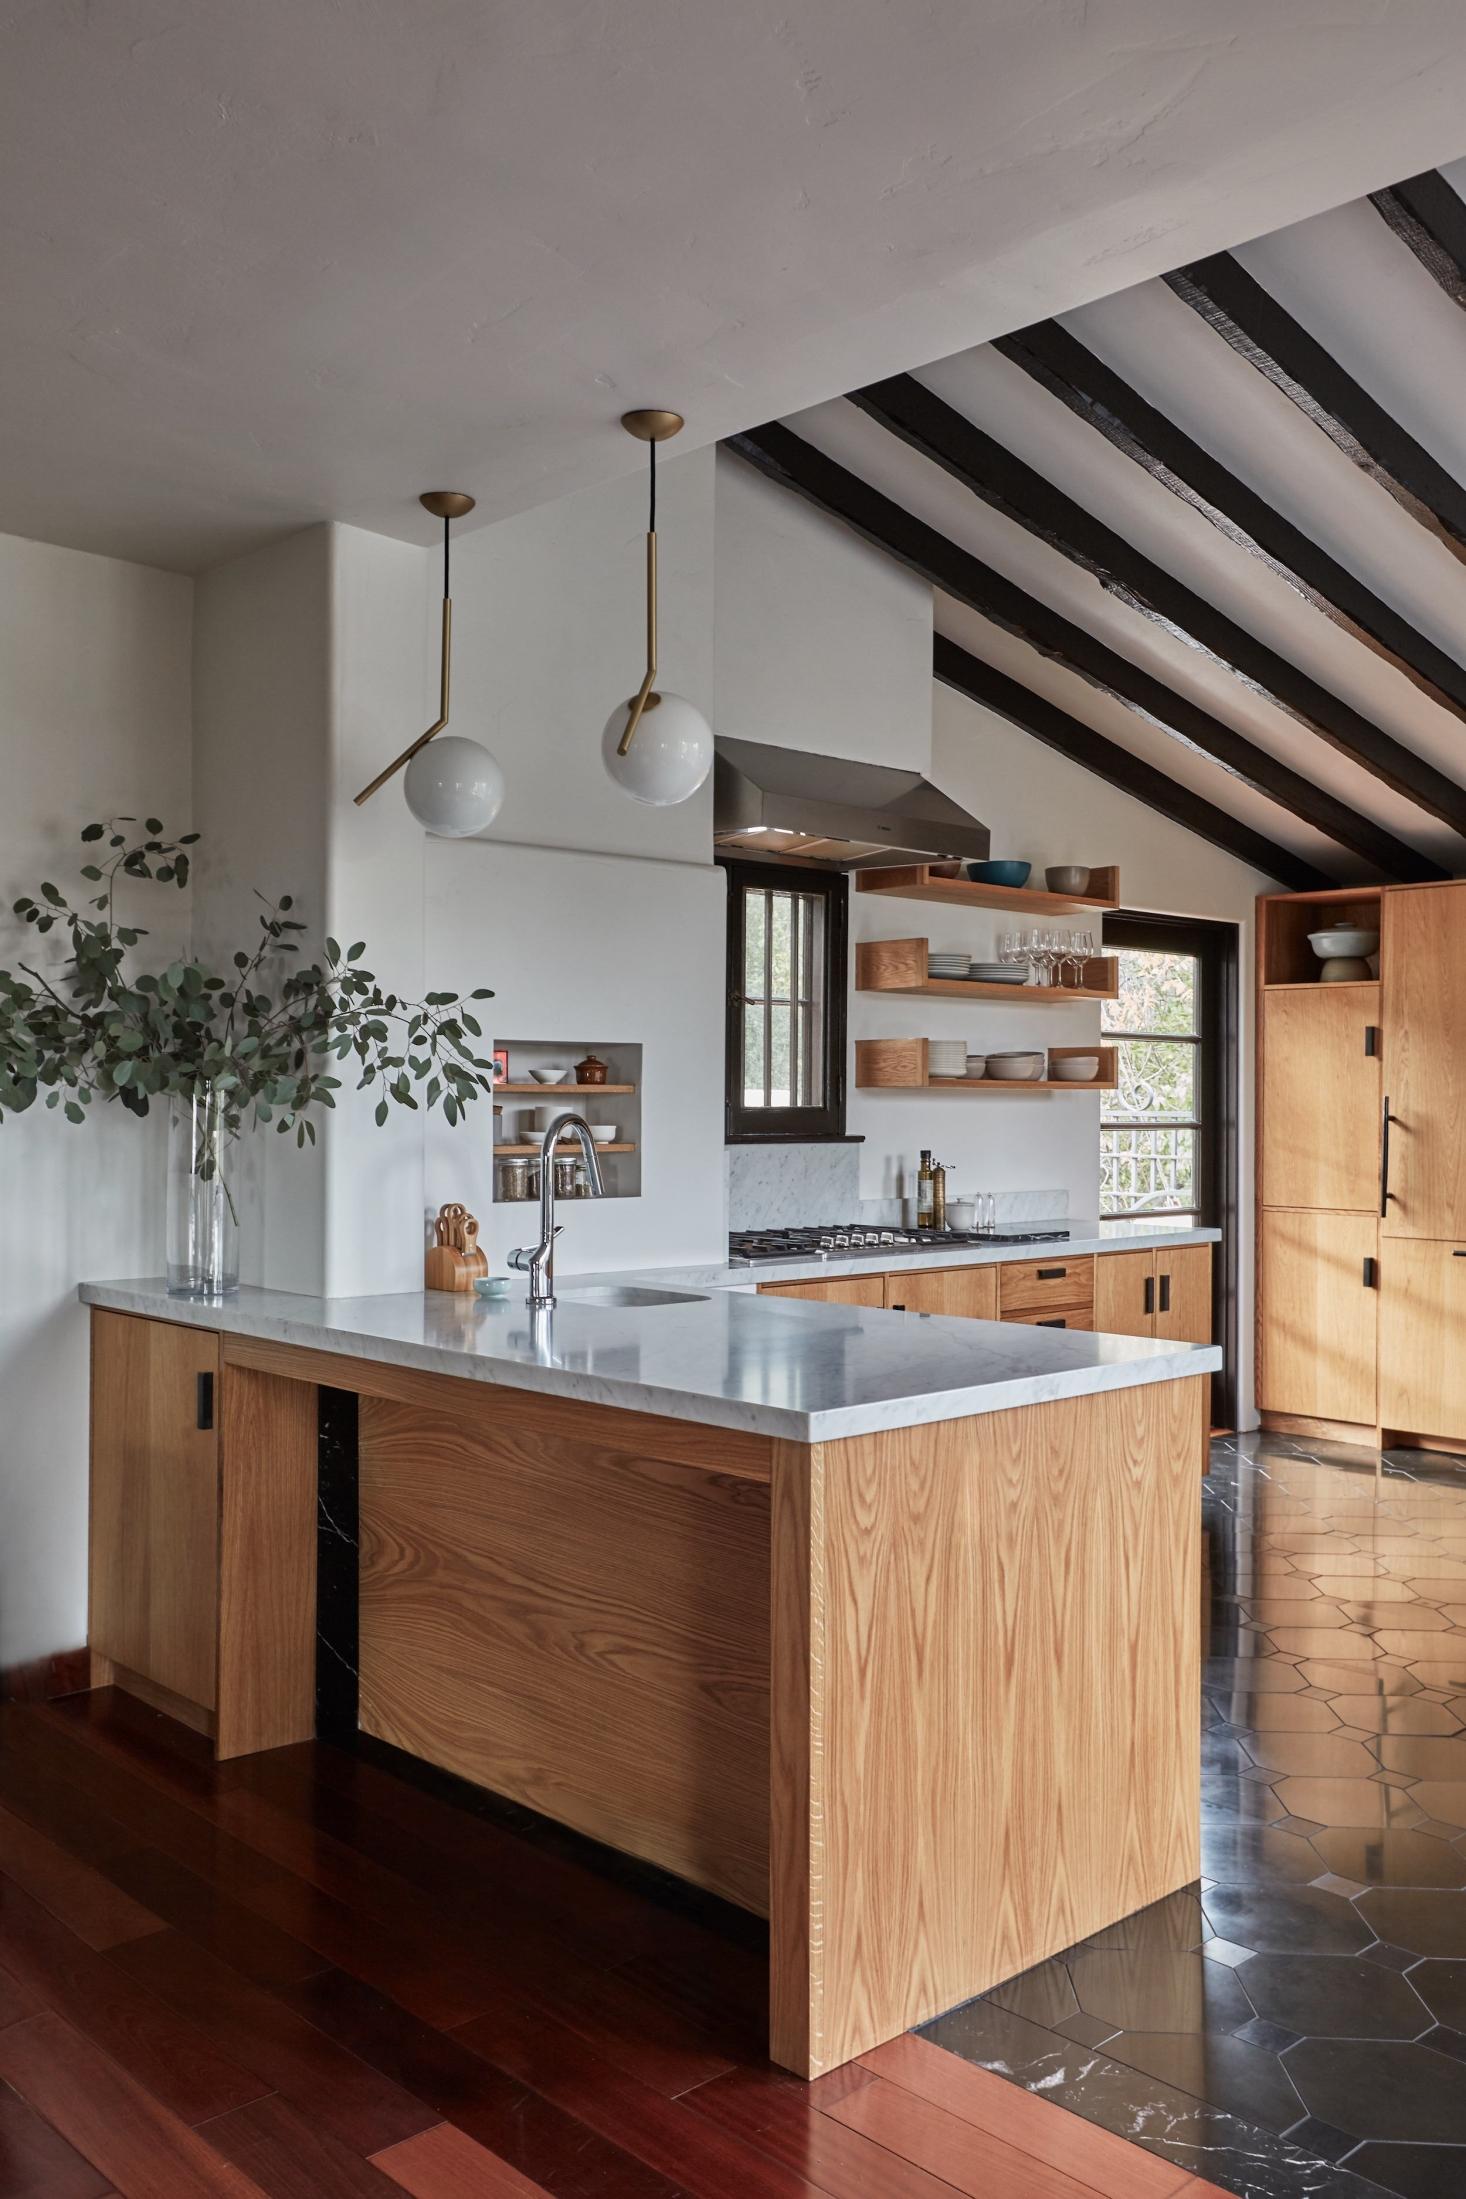 Organiser Meuble Sous Evier un meuble d'angle pour la cuisine ? (home challenge janvier